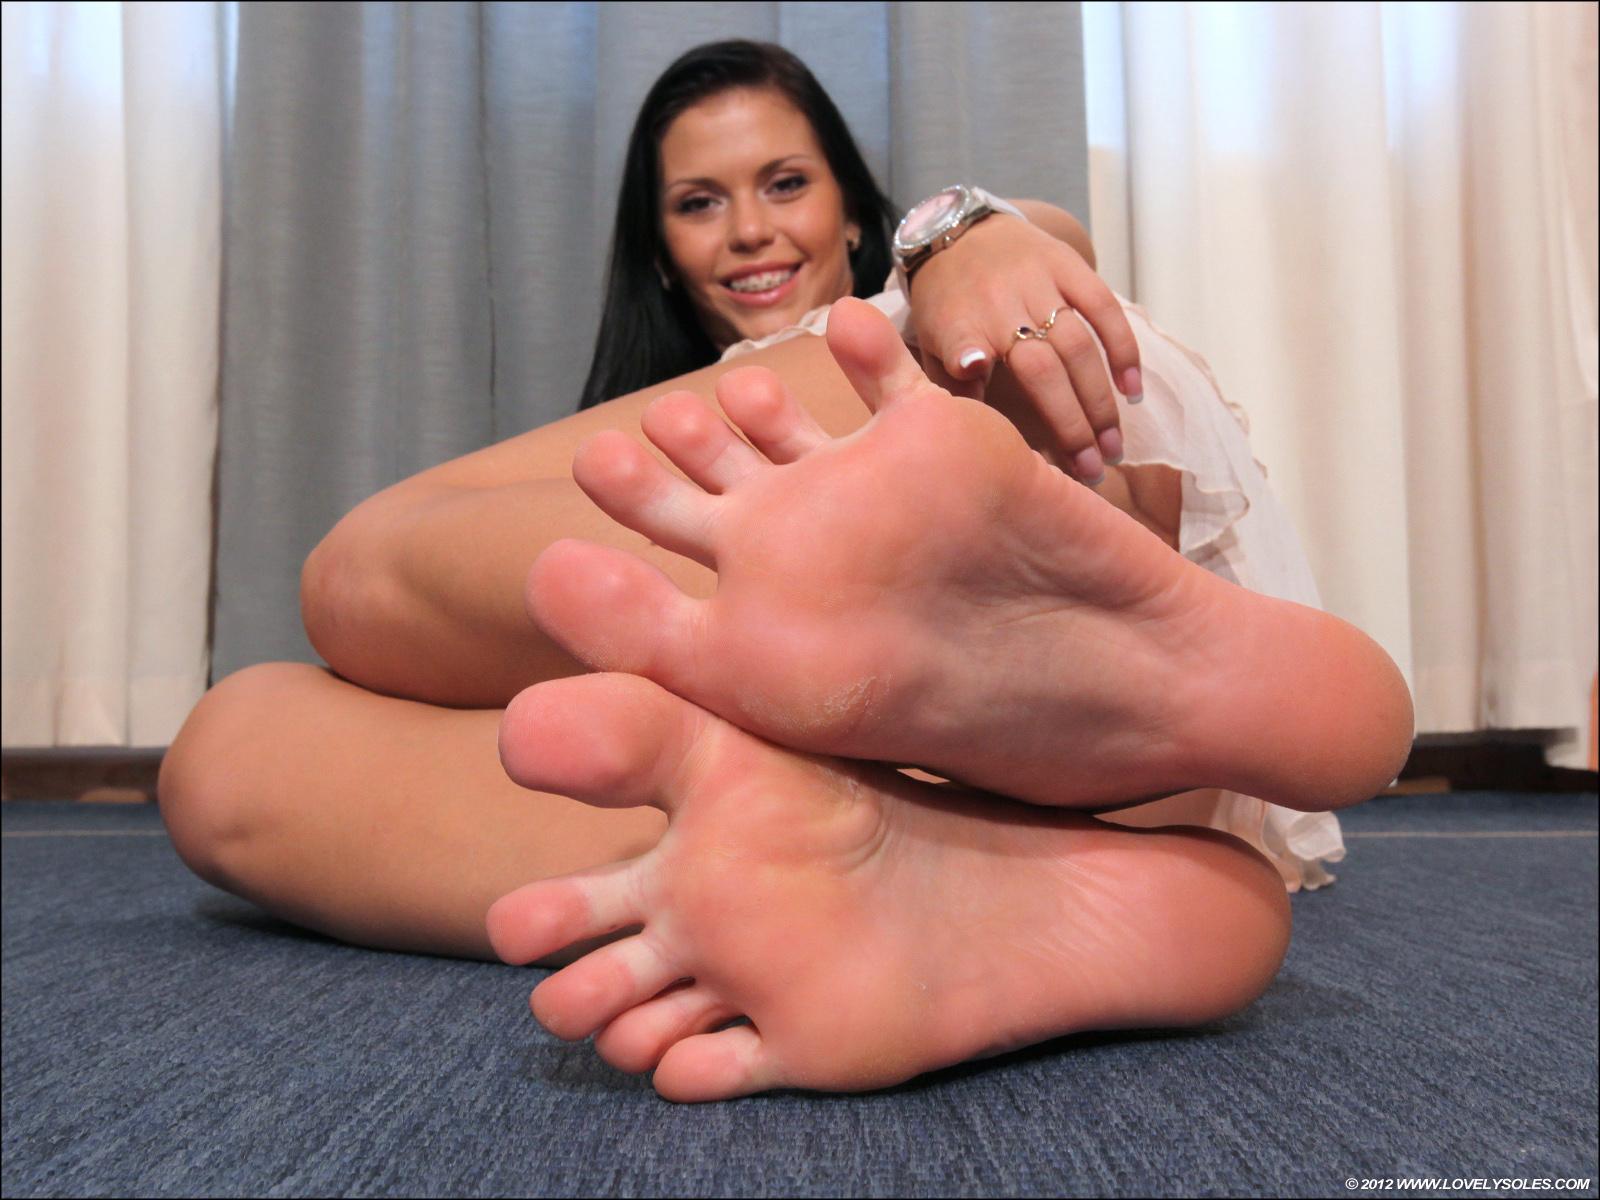 Feetdreams